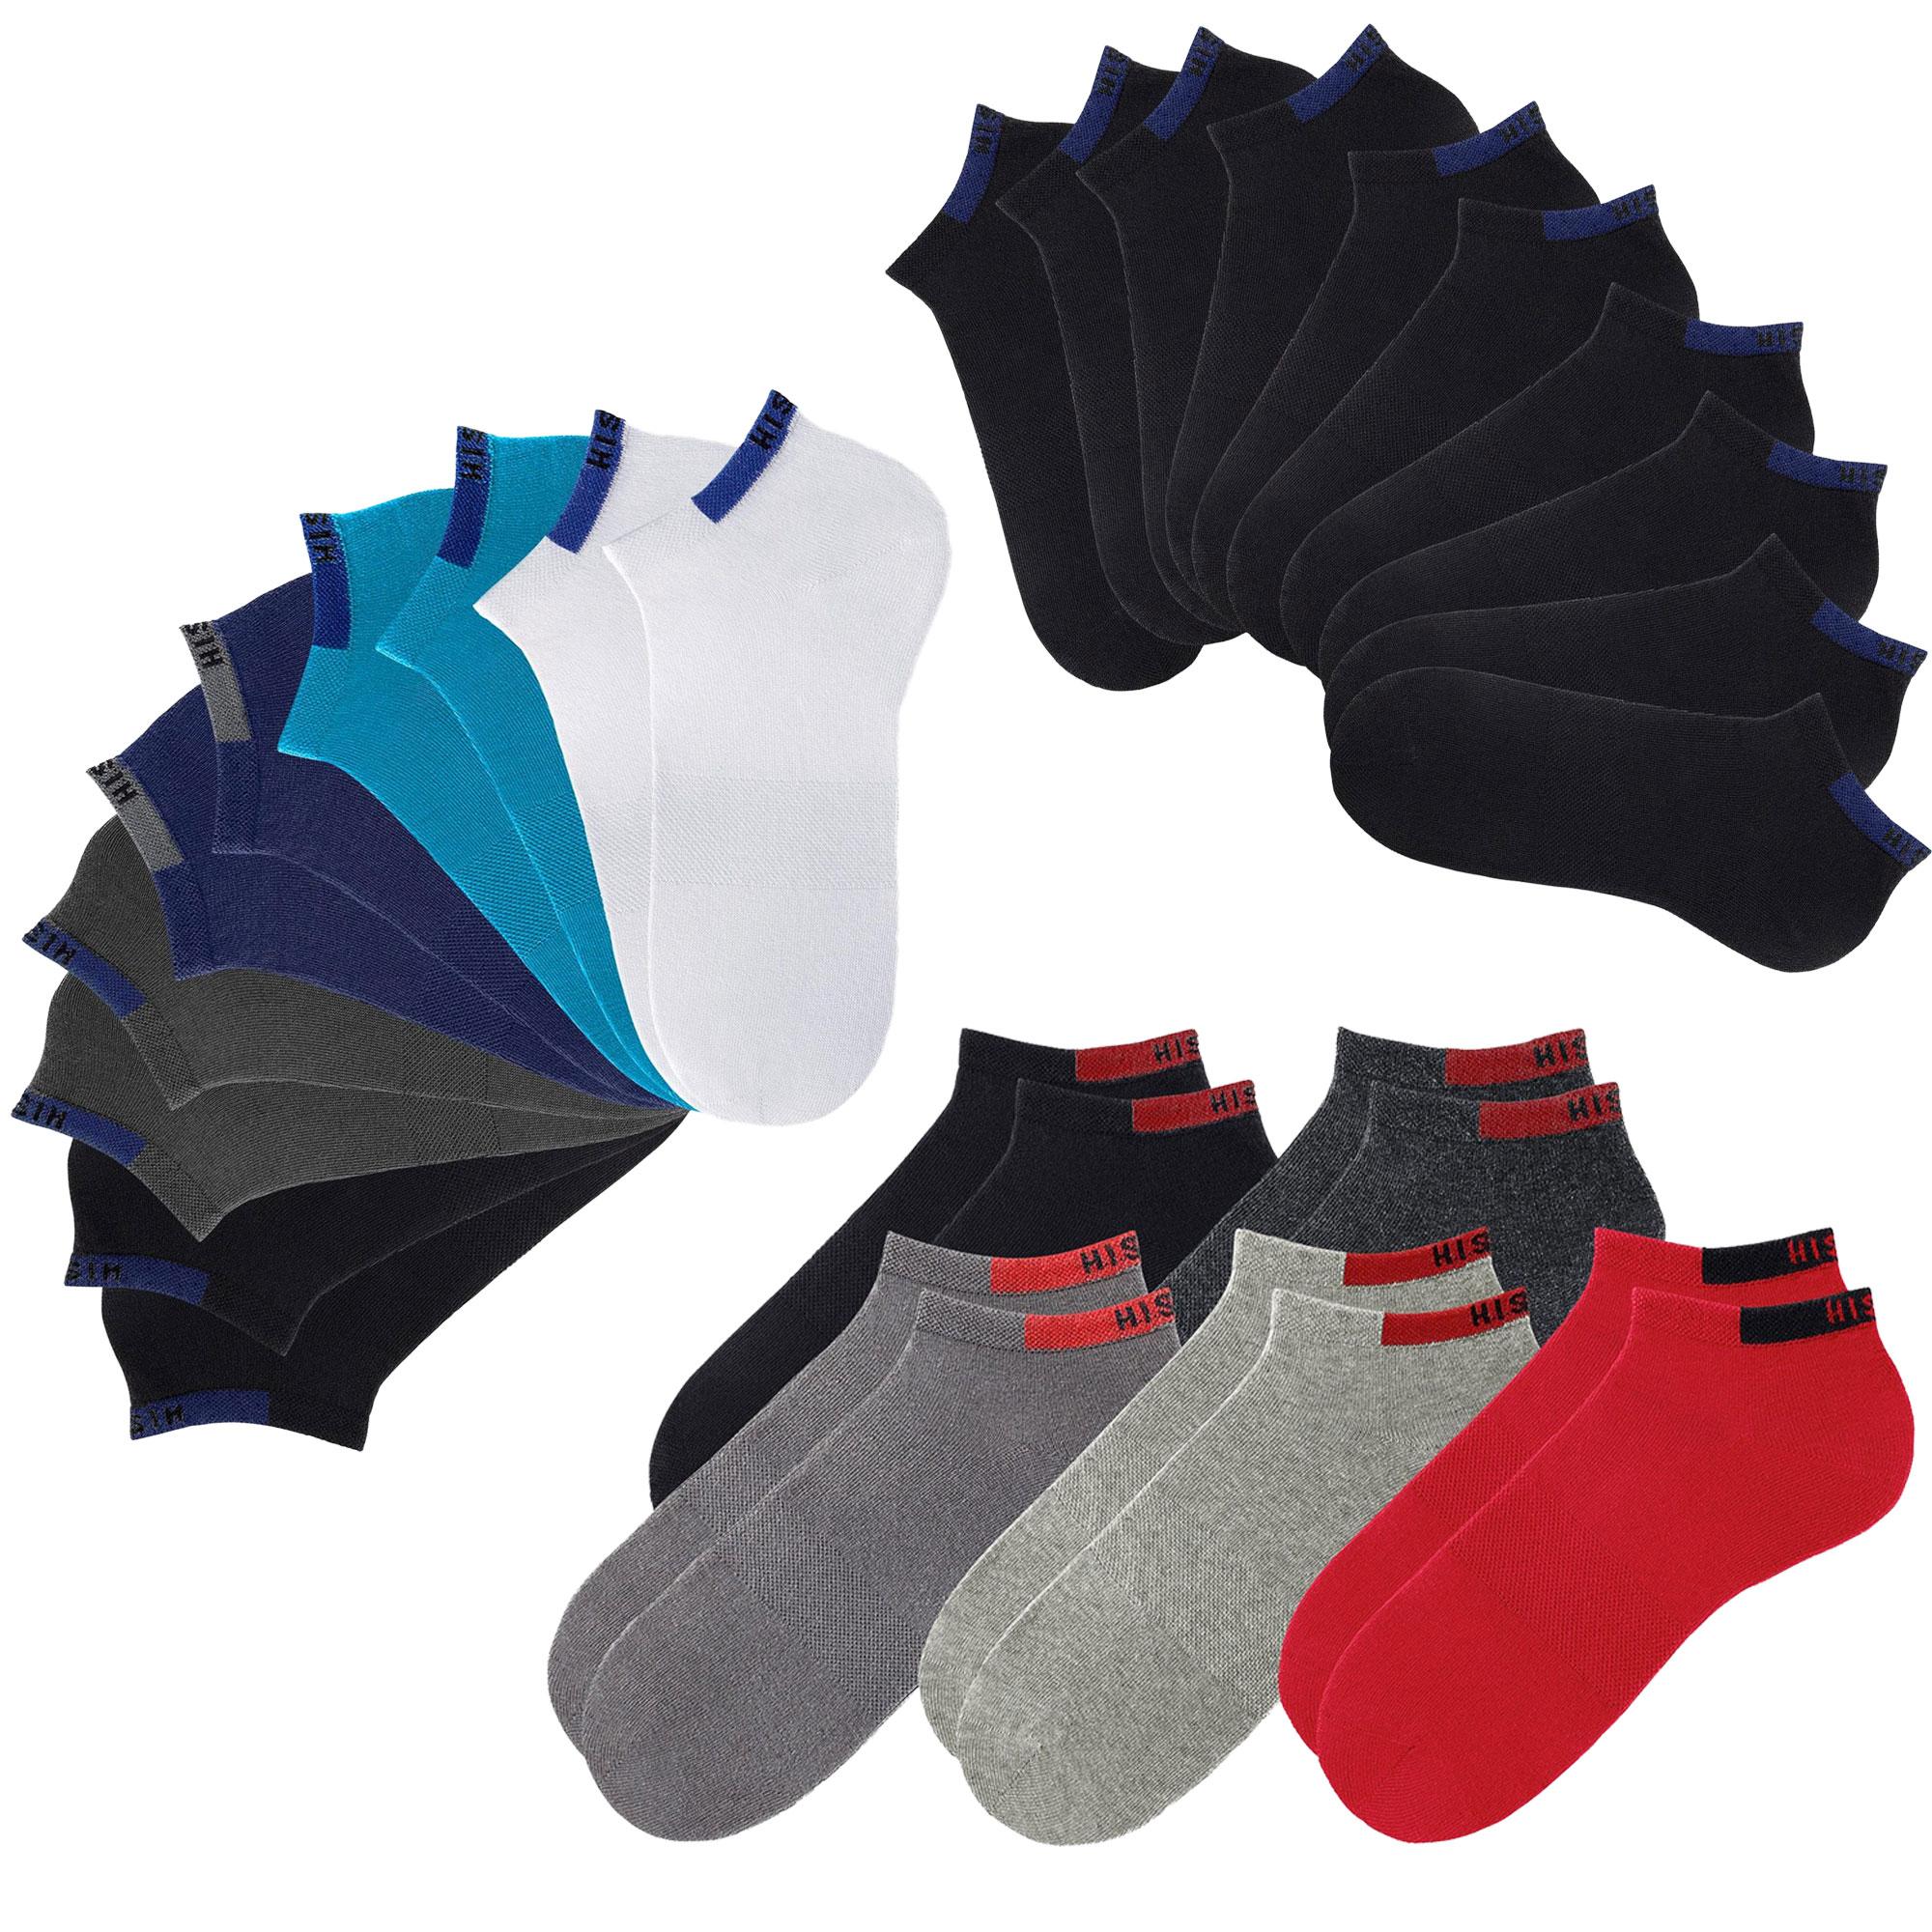 HIS Sneaker, Socken, Unisex, 10 Paar, verstärkte Belastungszonen – Bild 1